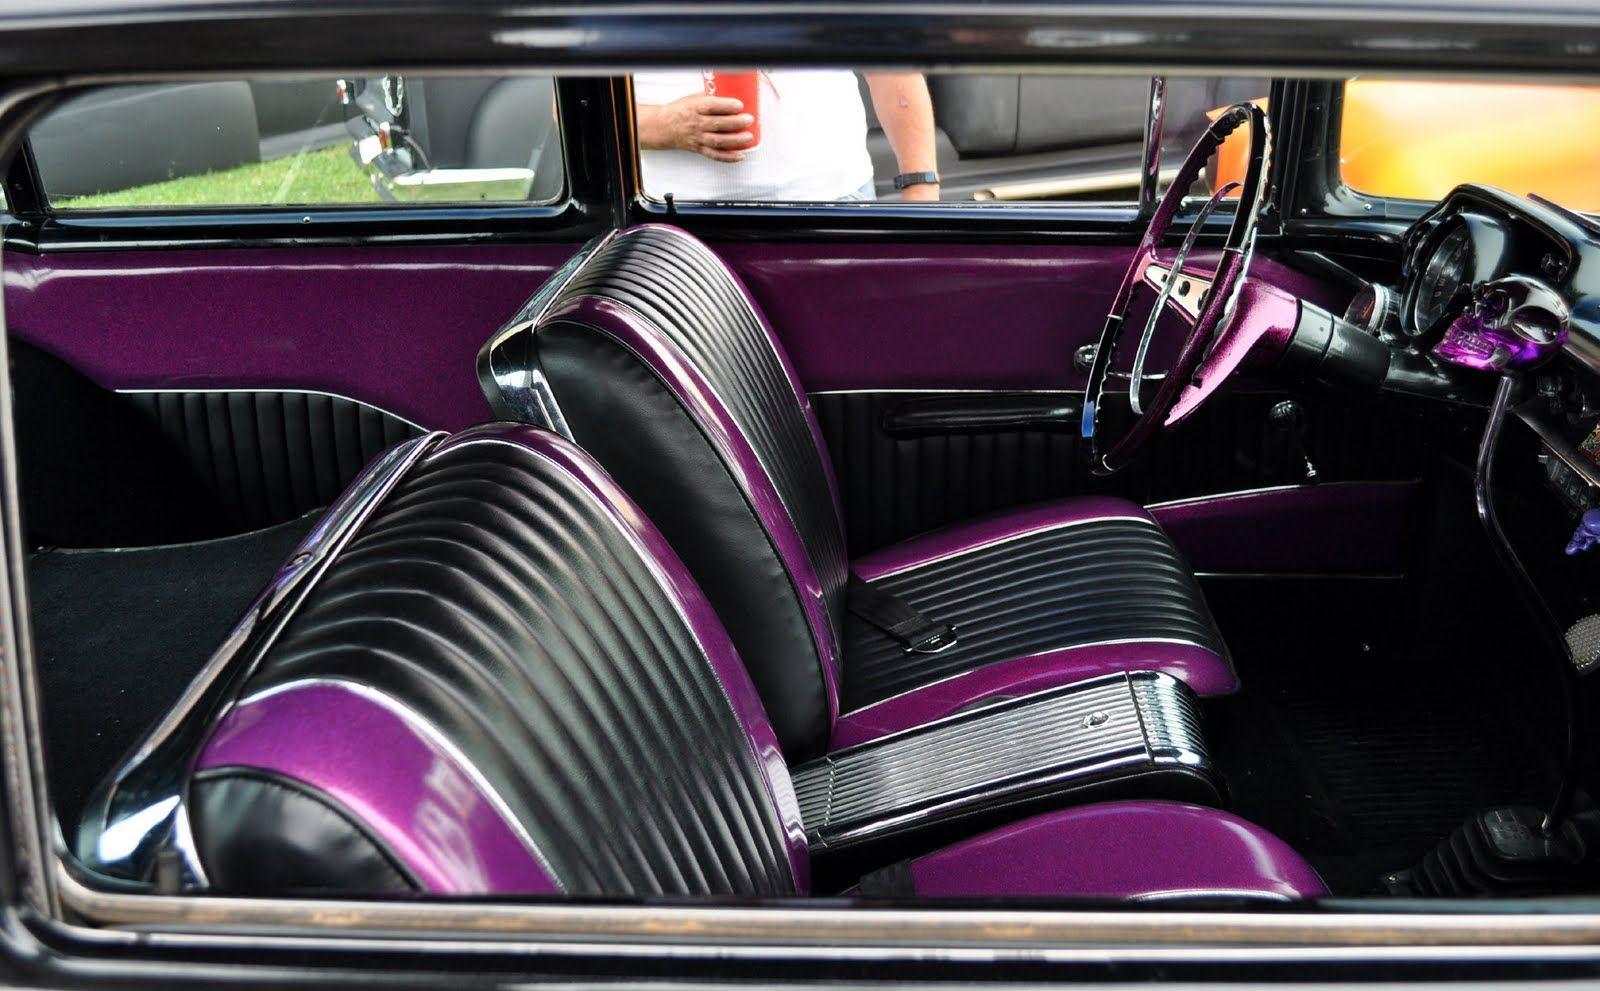 Dsc 0091 Jpg 1600 991 Custom Car Interior Car Interior Upholstery Car Interior